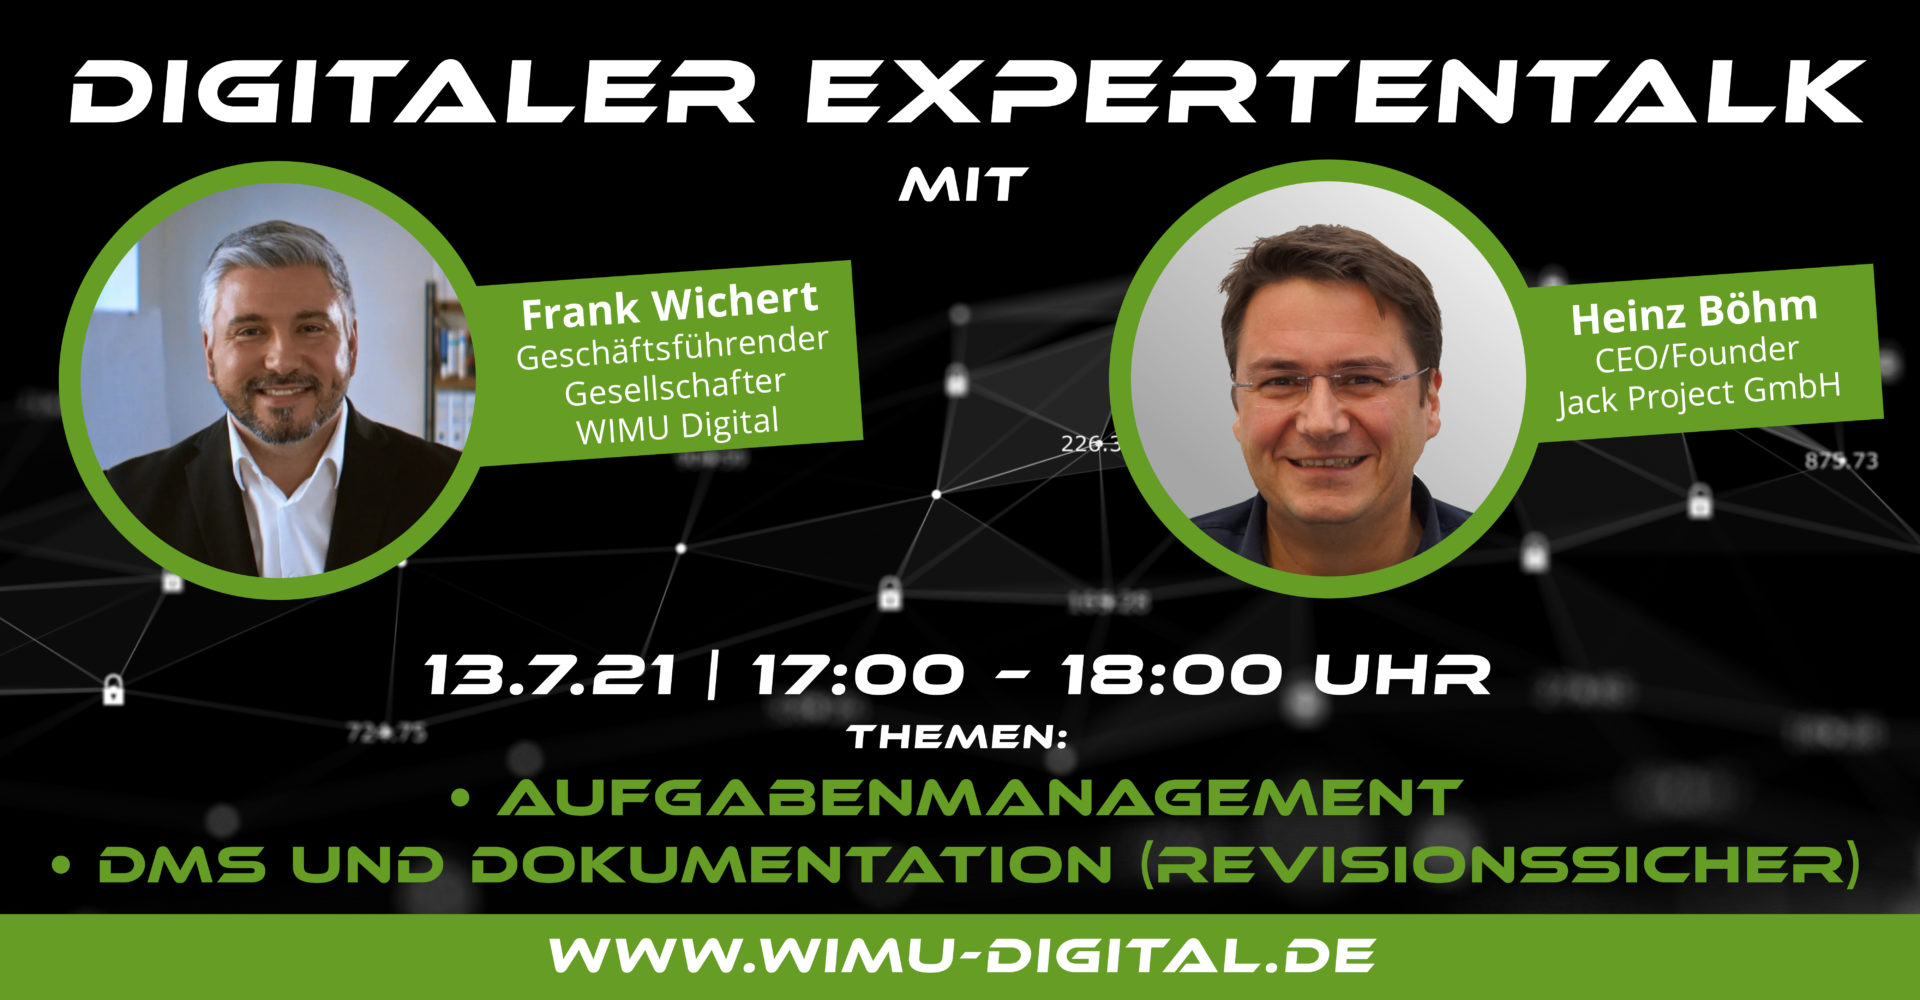 WIMU_digital_Expertentalk_JUli